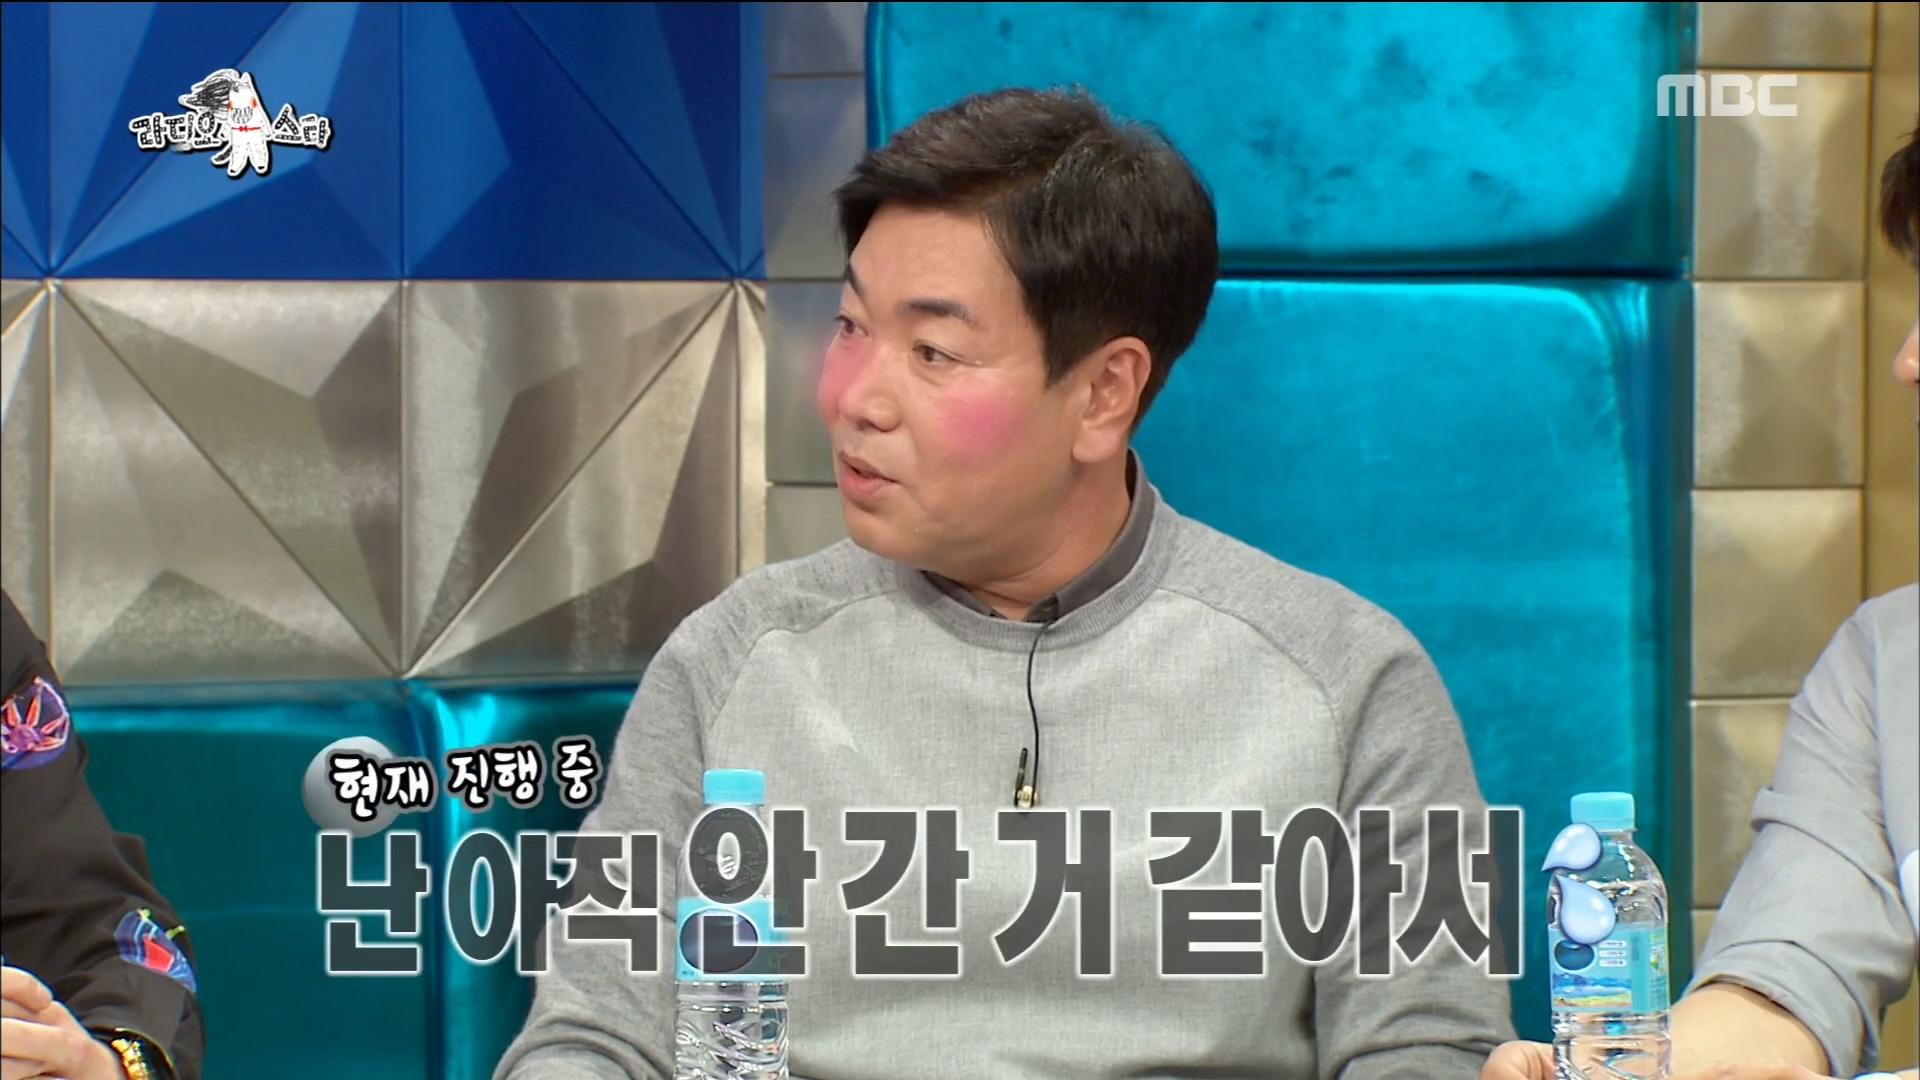 현재 진행 중 김일우에게 찾아온 갱년기?!